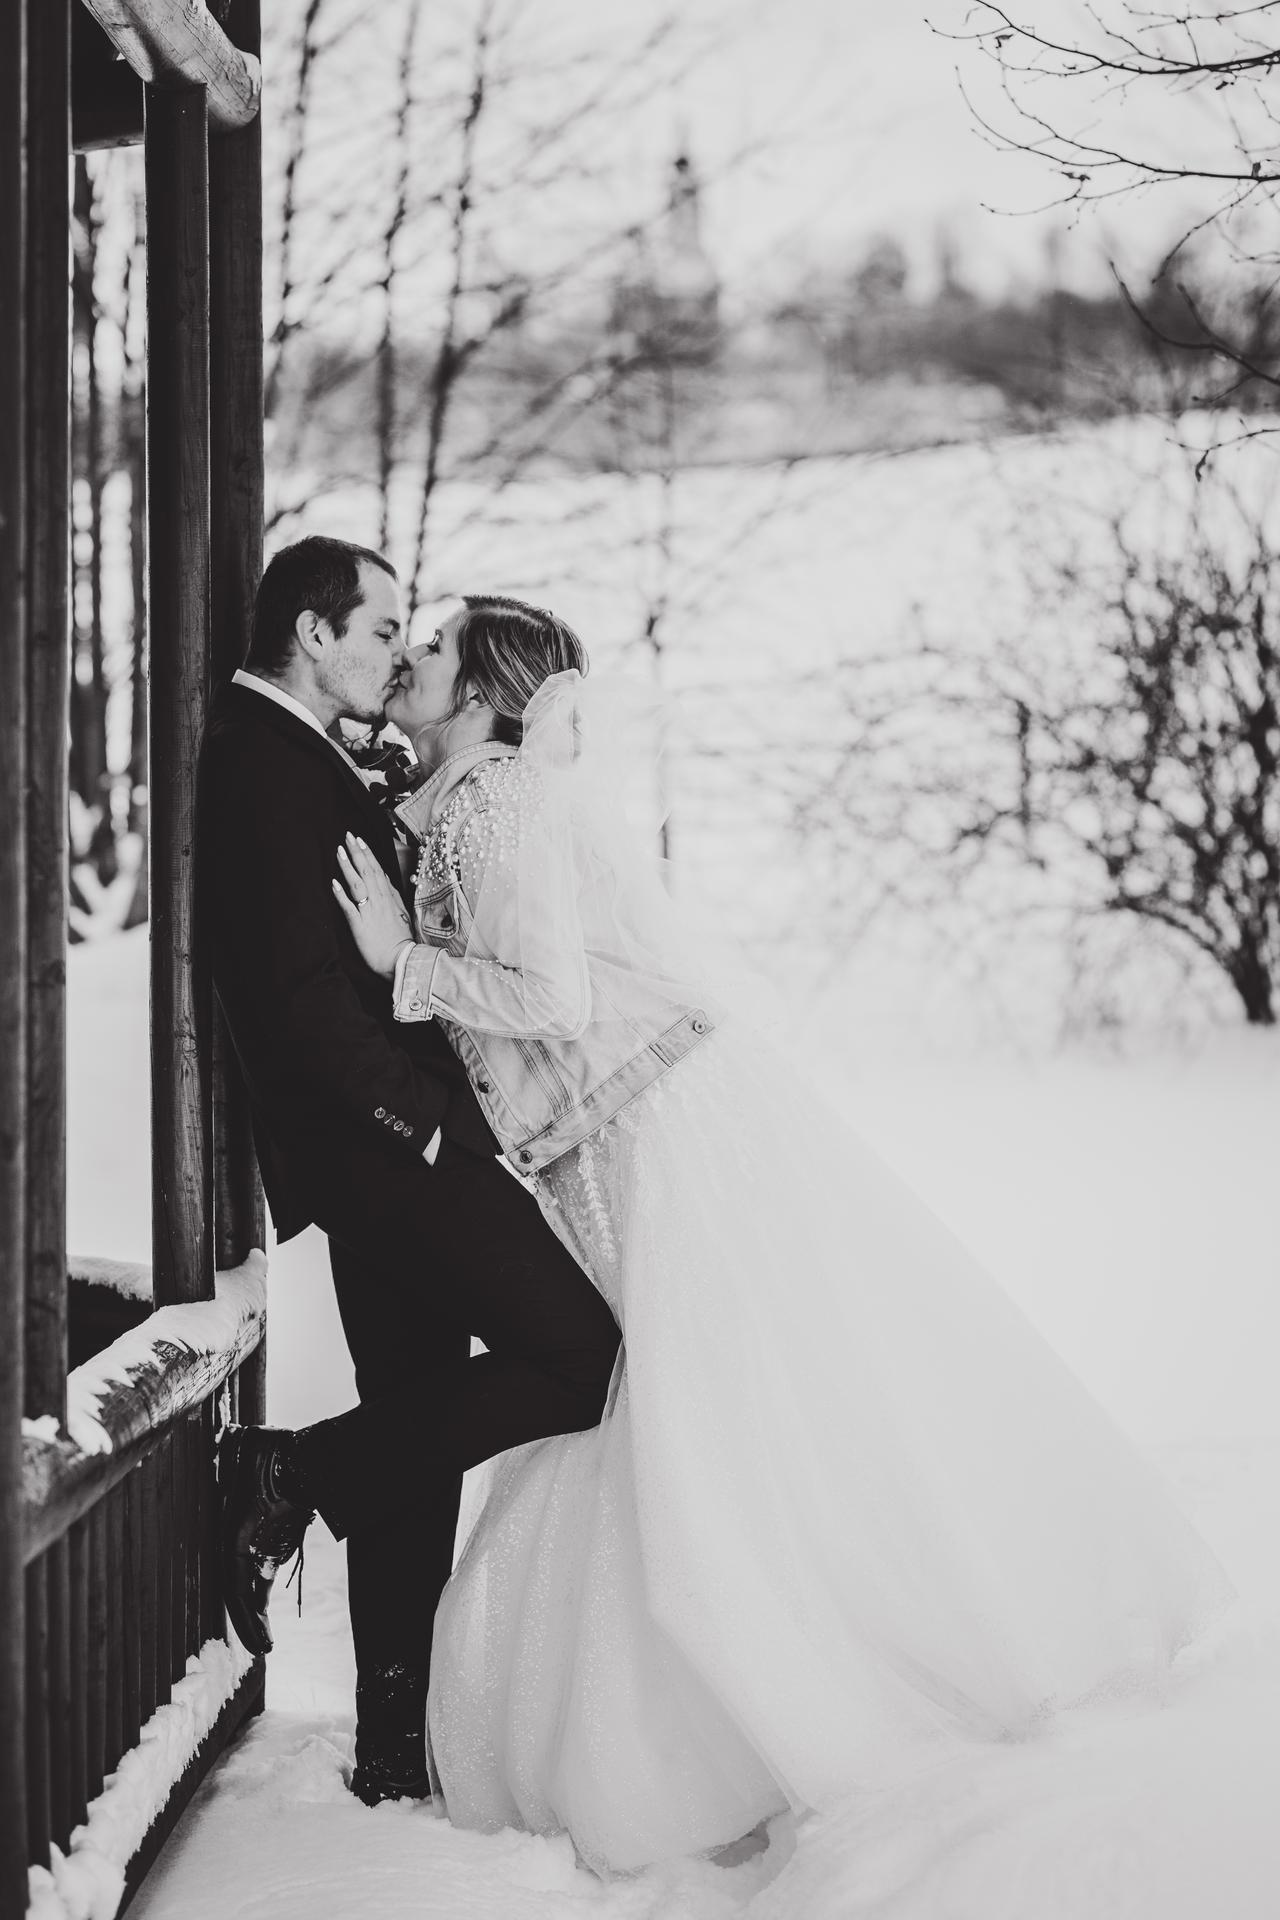 Ráda zachytím i vaši svatbu...volné termíny 2021 :) :)   Z letošní krásné zimní svatby... - Obrázek č. 2